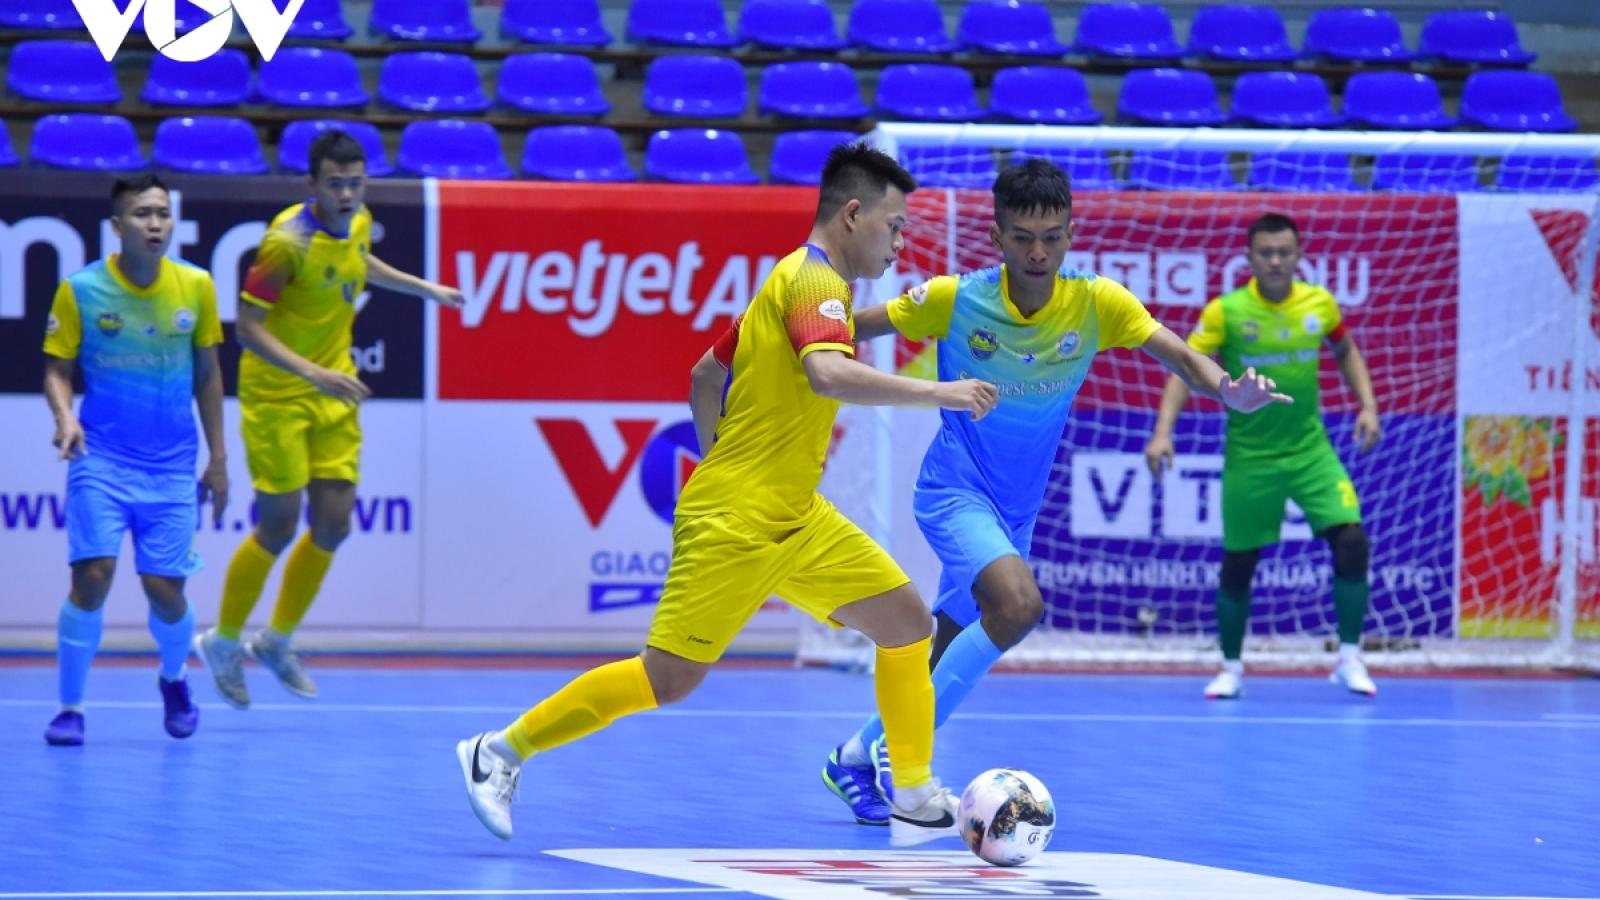 Trực tiếp Tân Hiệp Hưng vs Quảng Nam tại Giải Futsal HDBank Cúp Quốc gia 2020